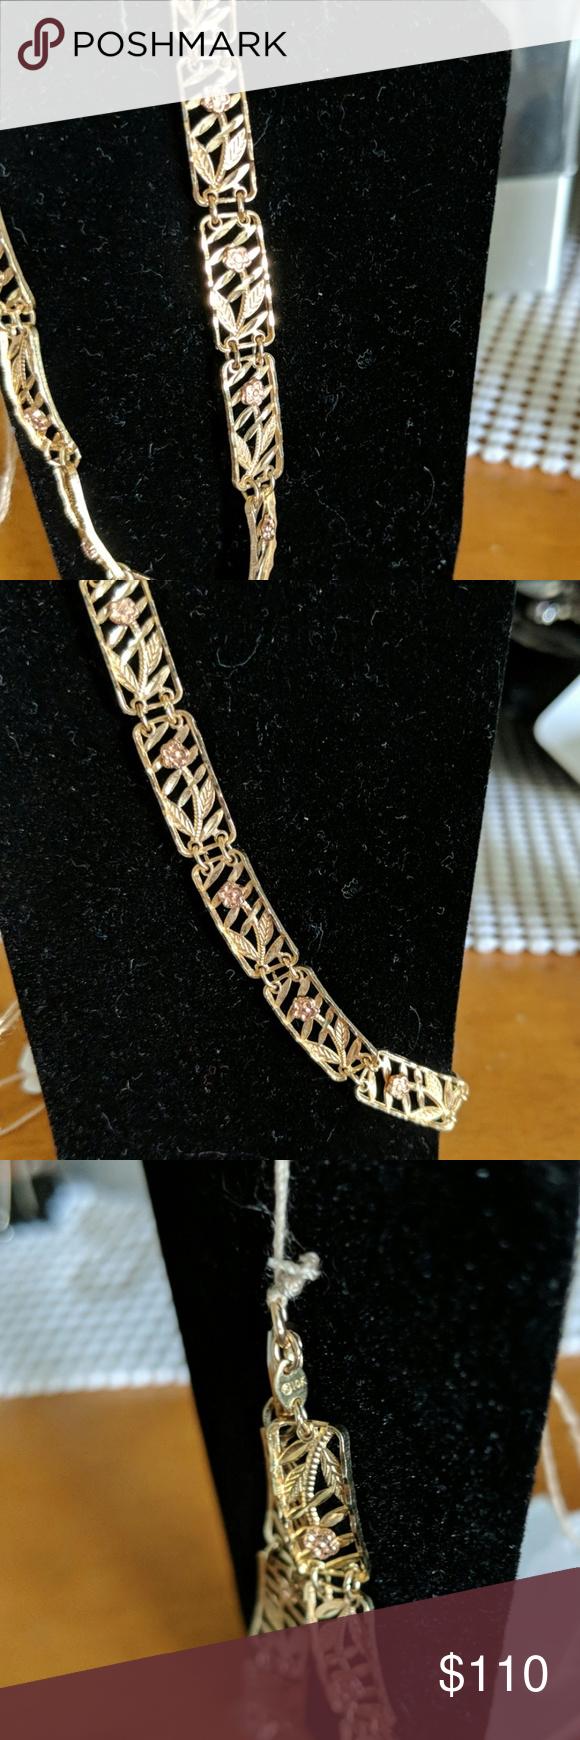 Gold 10 Karat Bracelet With Rose S Bracelets Womens Jewelry Bracelets Karat